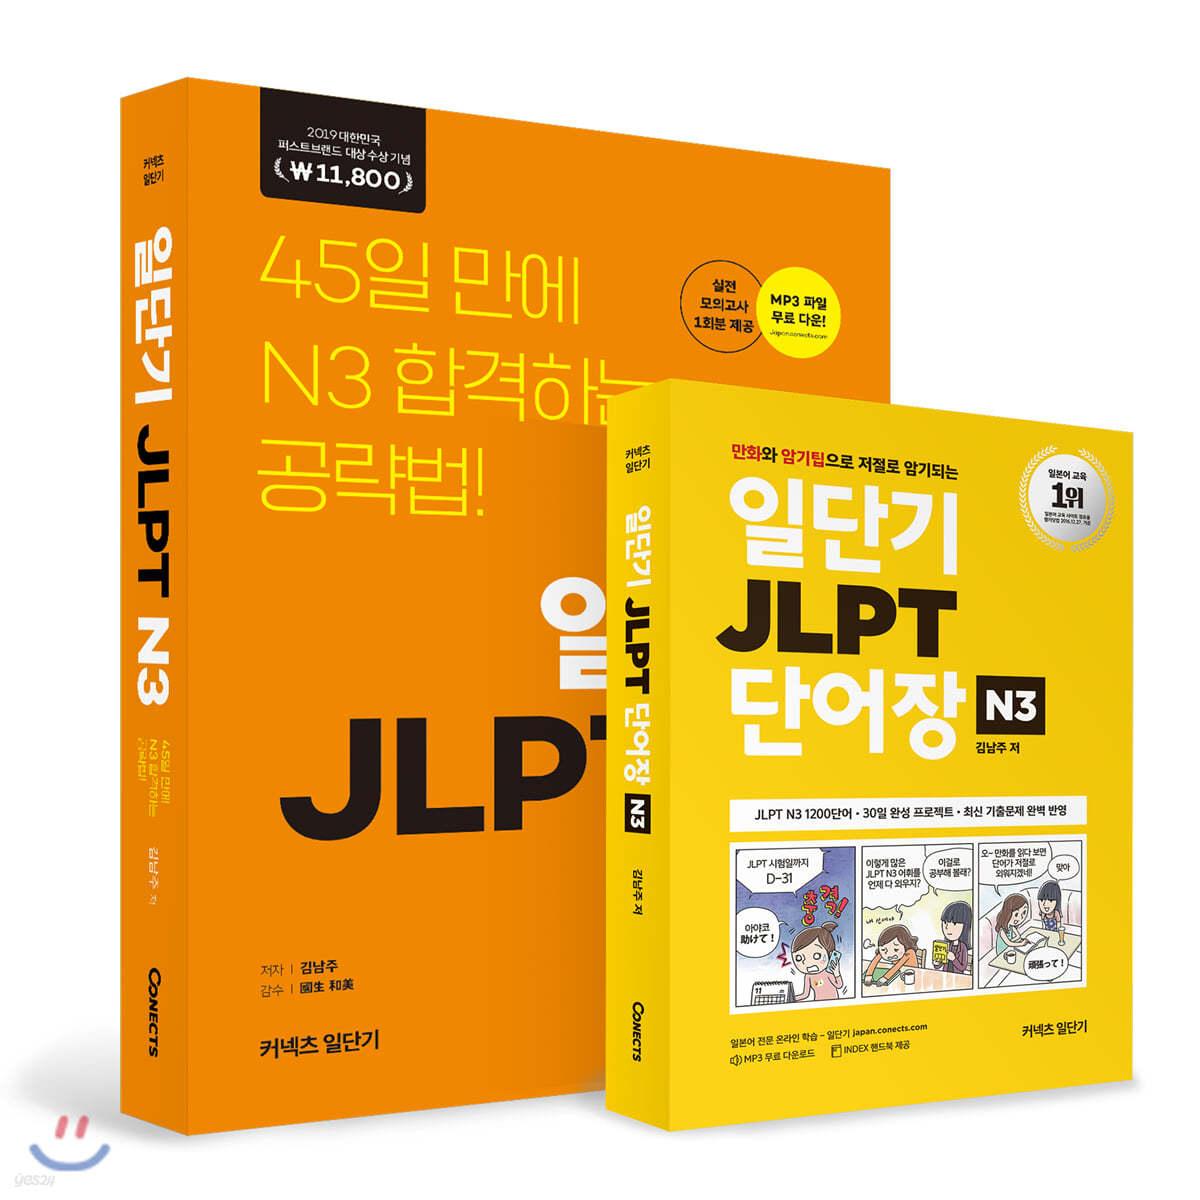 일단기 JLPT N3 + 단어장